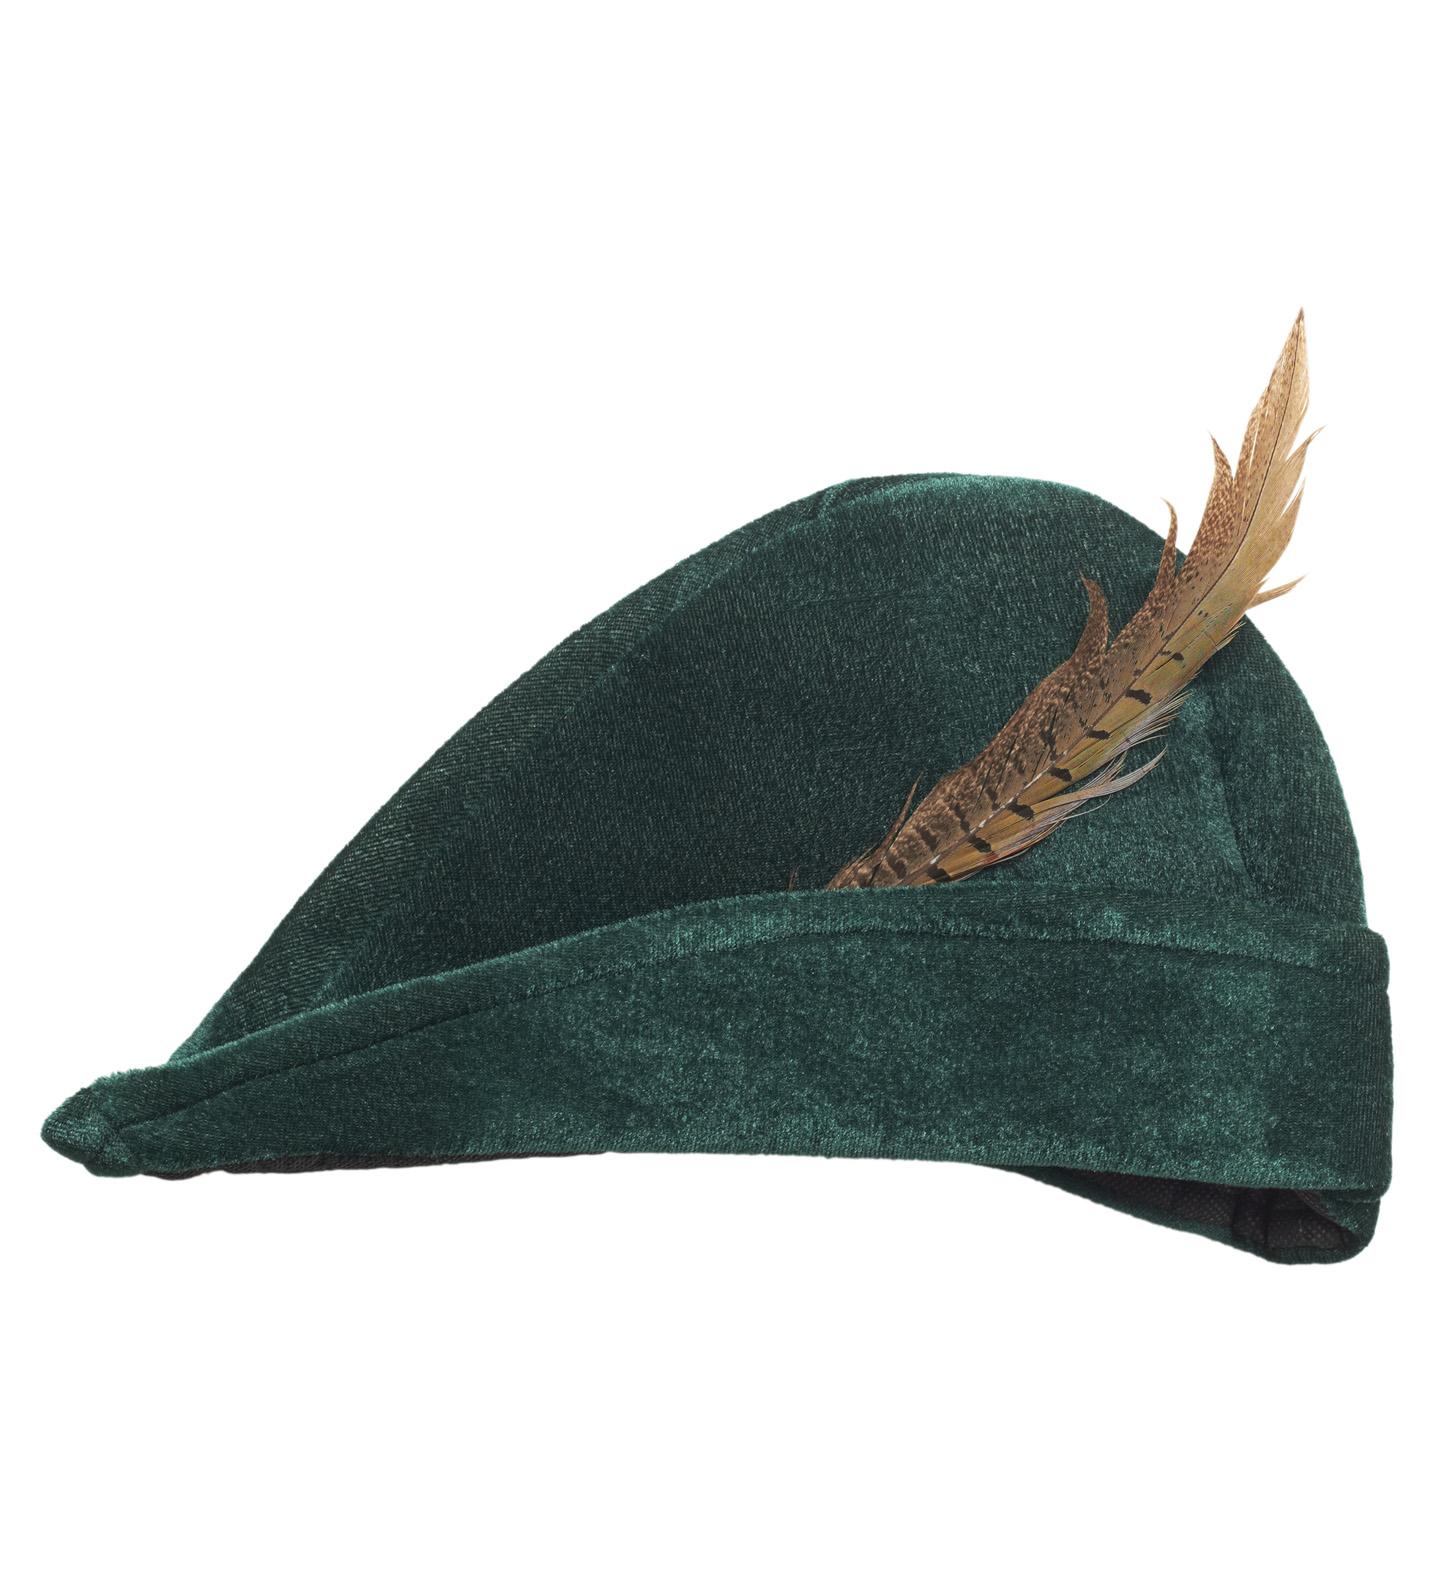 Myslivecký zelený klobouk s pérem 41d6f59d1e